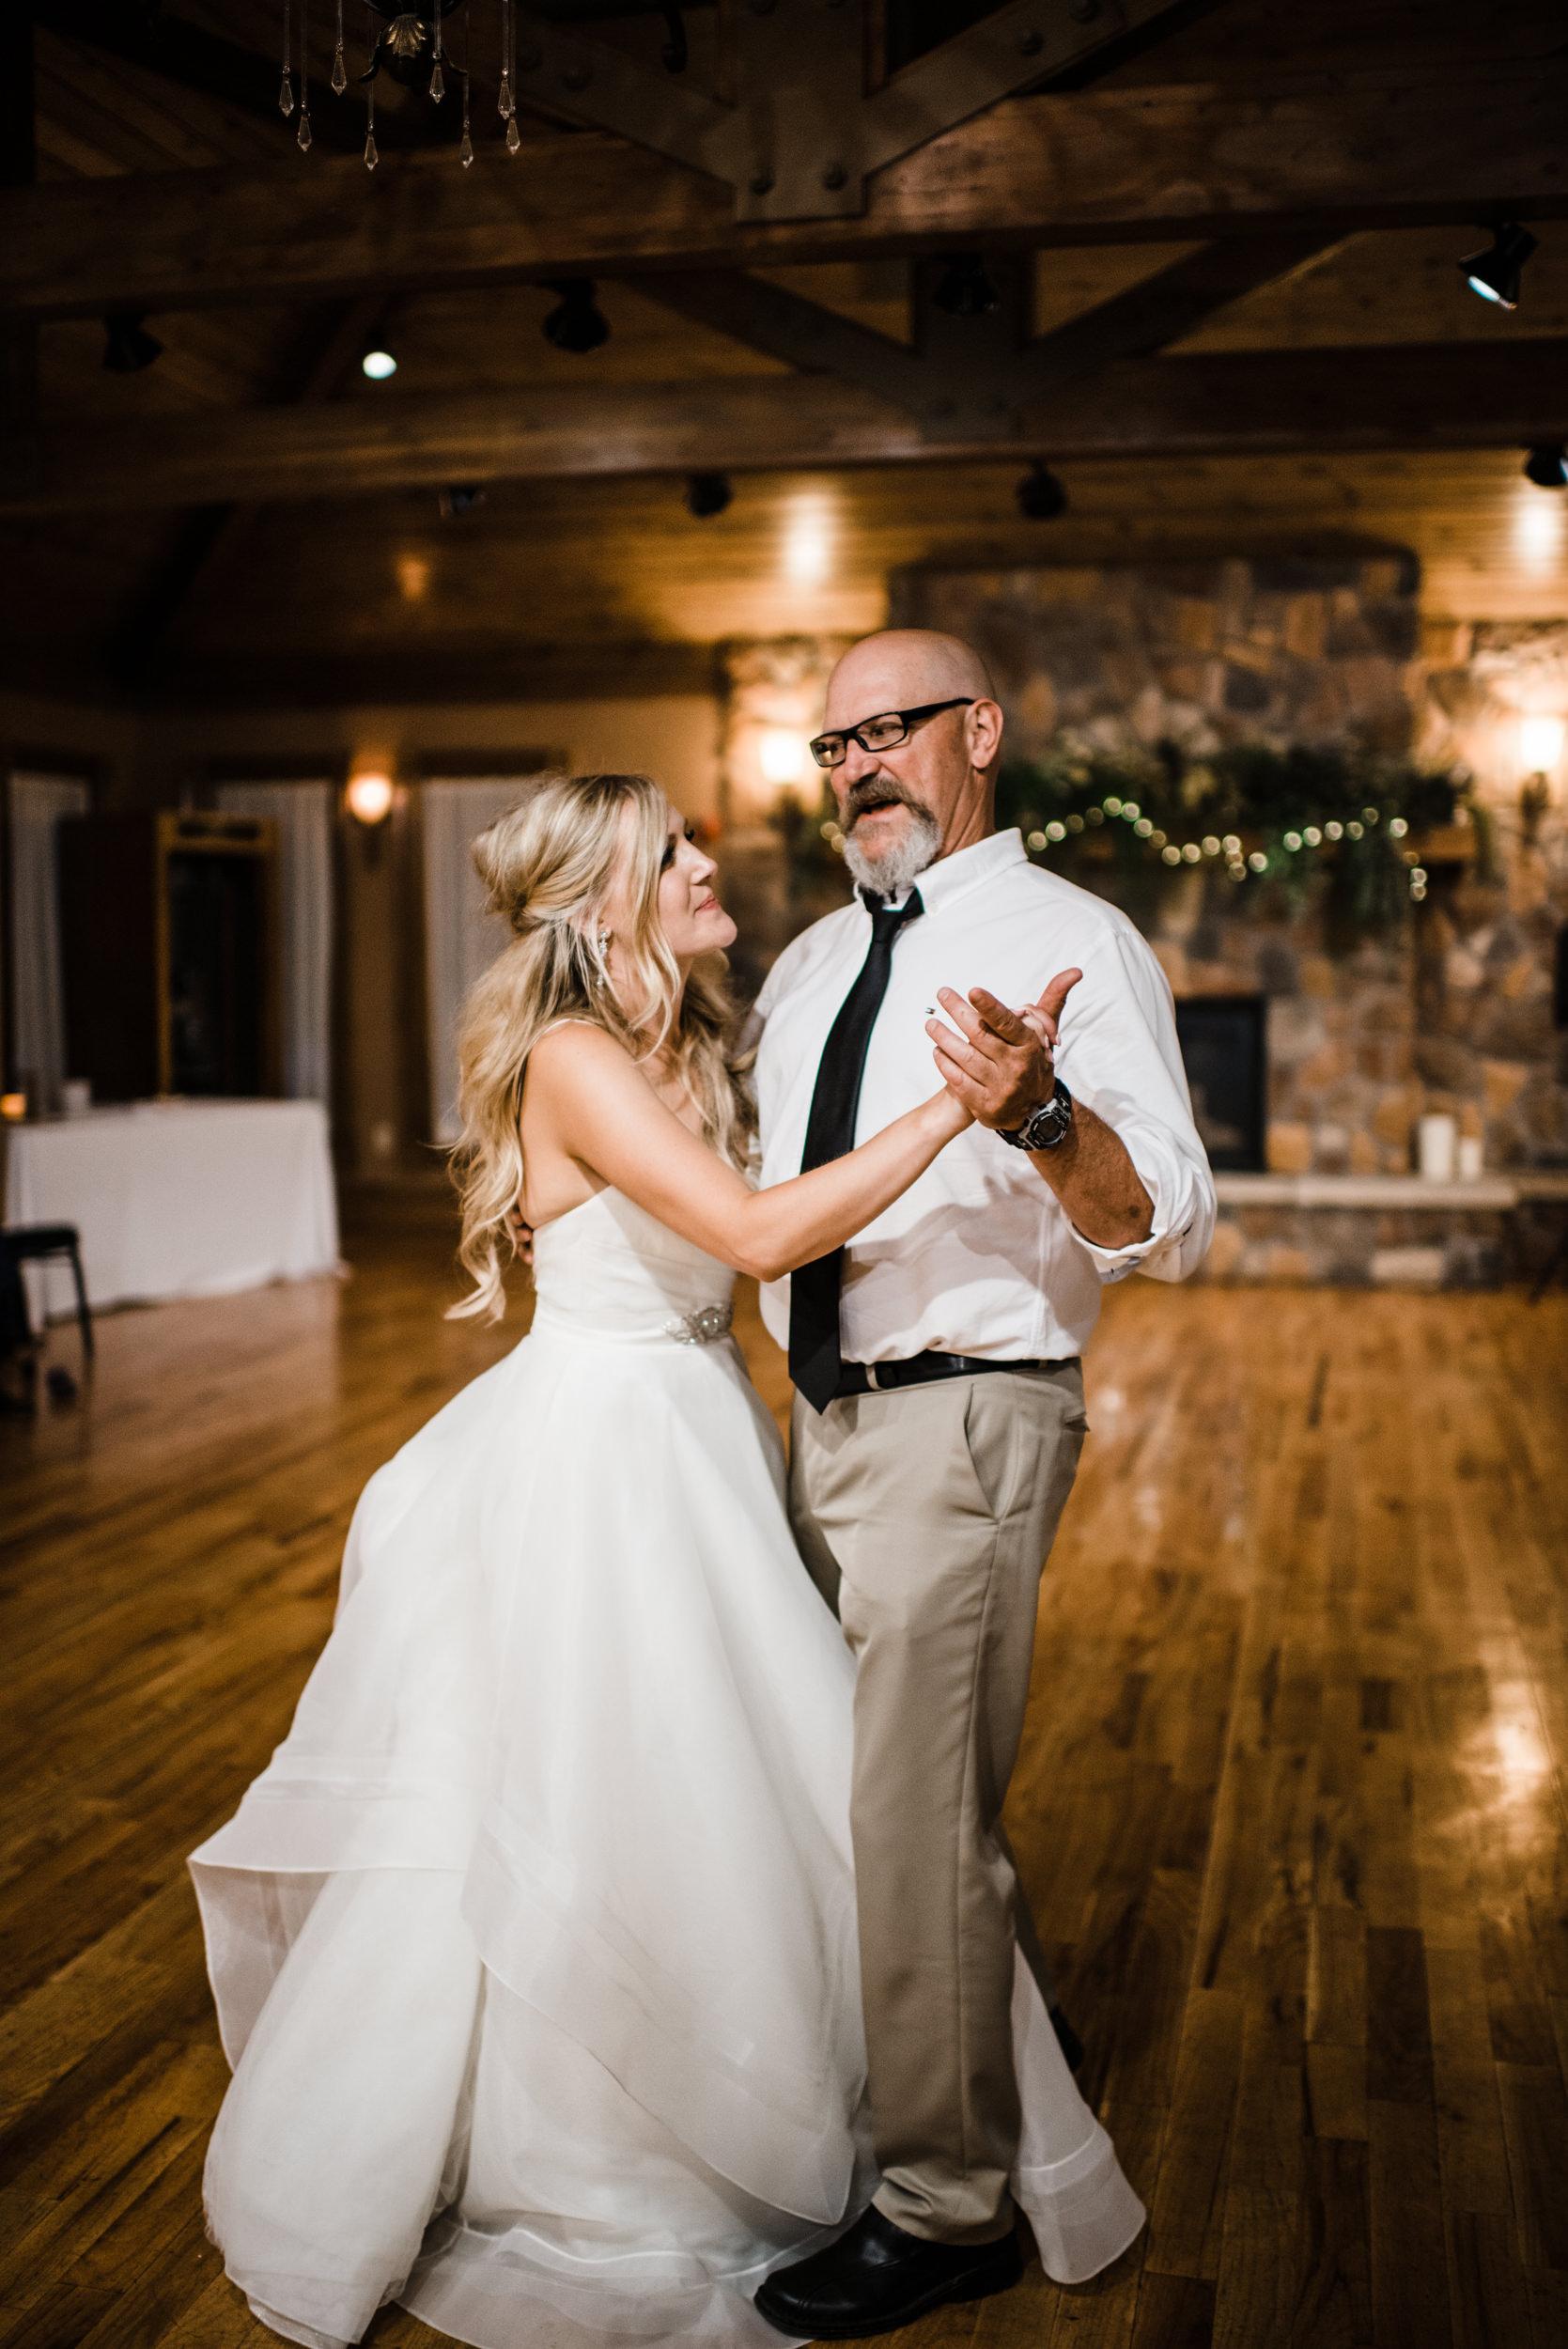 Colorado mountain wedding photographer at Brookeside Gardens wedding reception dances